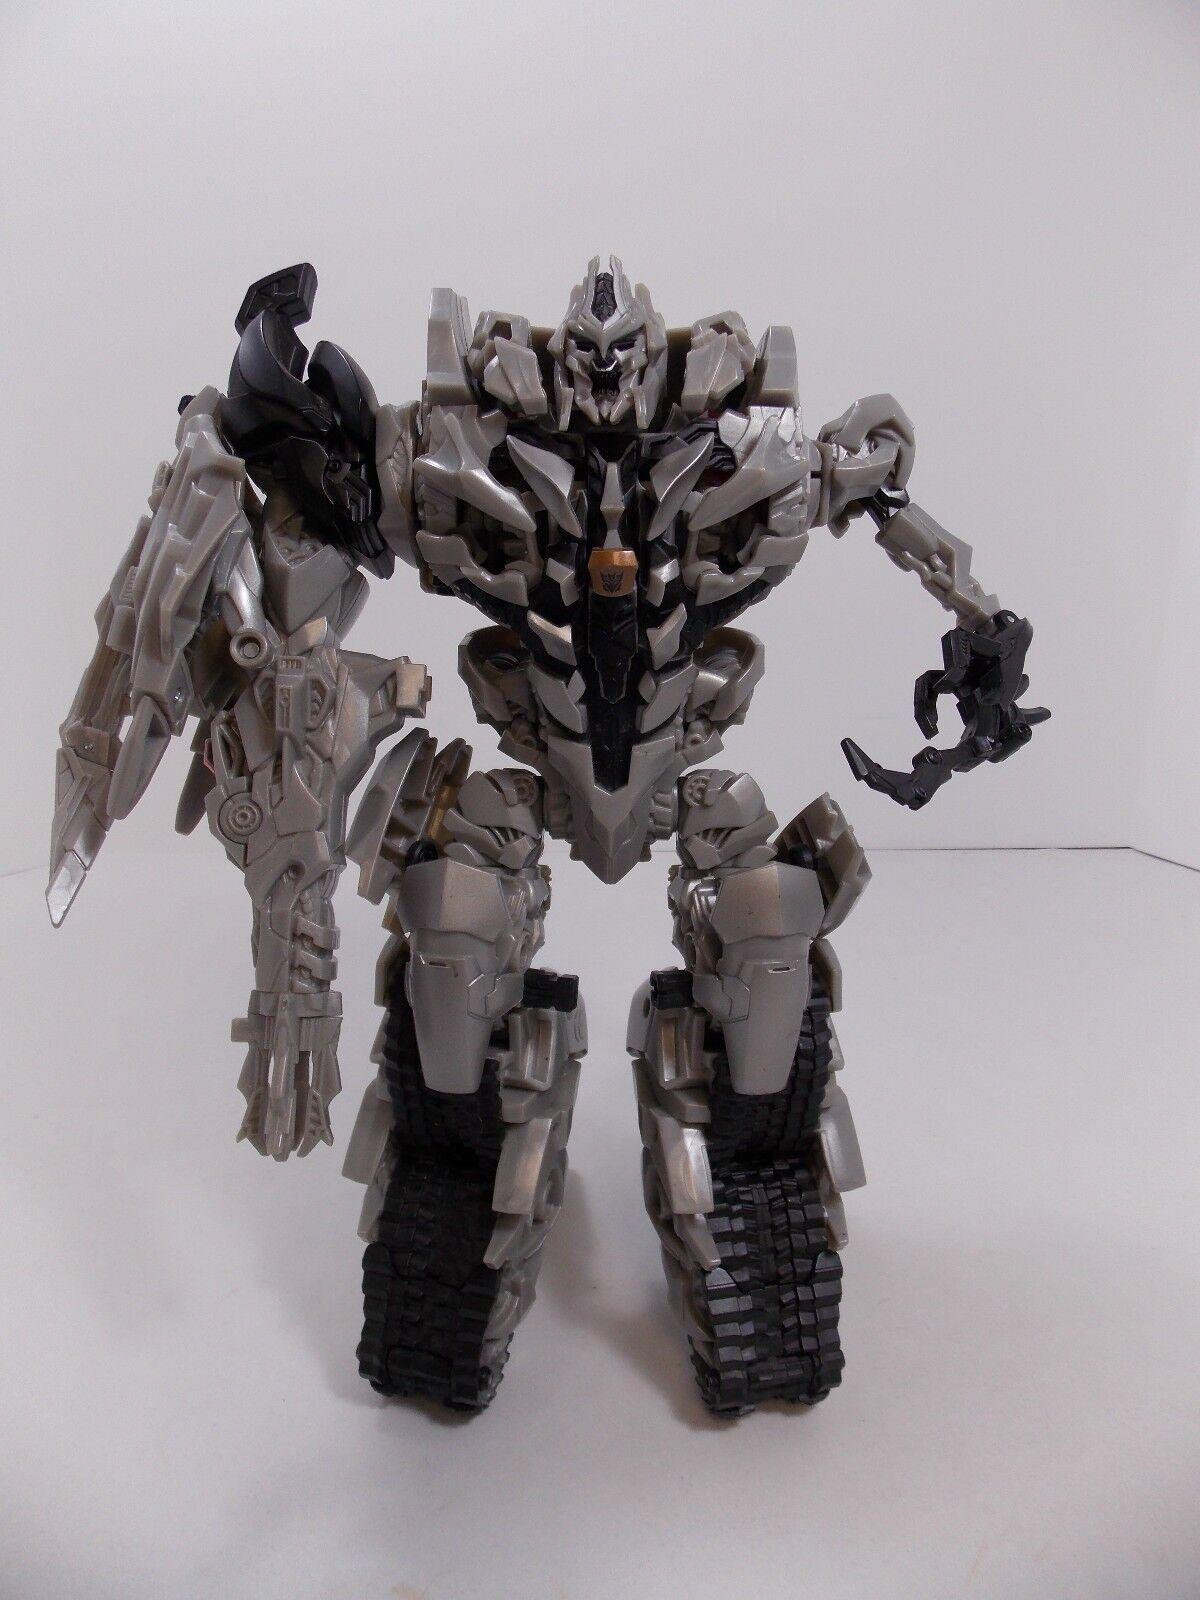 directo de fábrica Transformers la venganza de los caídos Megatron Leader Leader Leader Class Figura De Acción Hasbro  Ahorre 60% de descuento y envío rápido a todo el mundo.